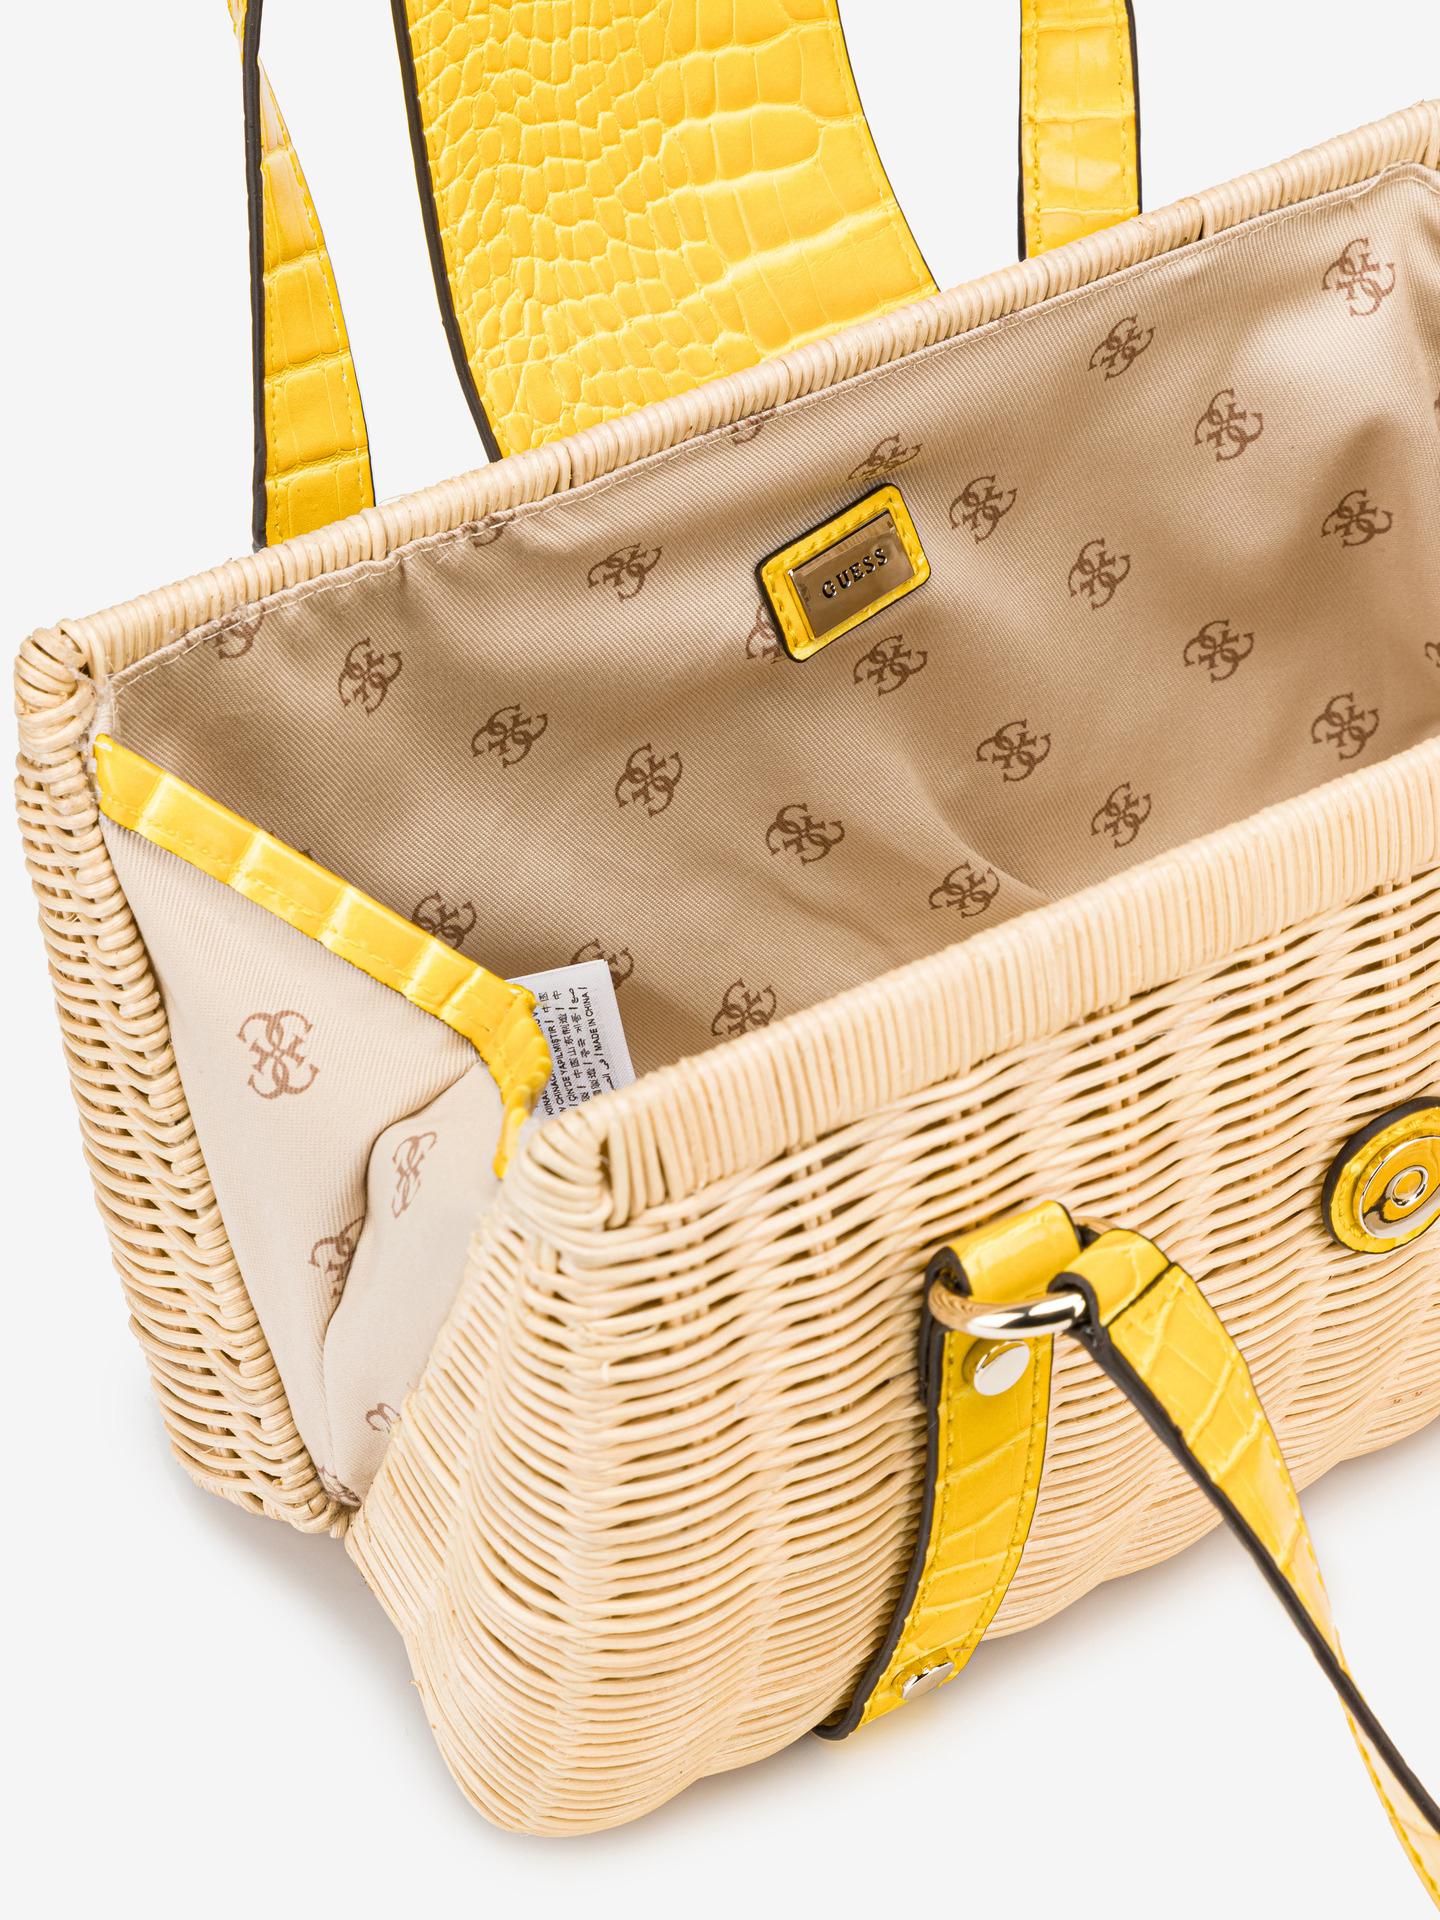 Guess handbag Paloma